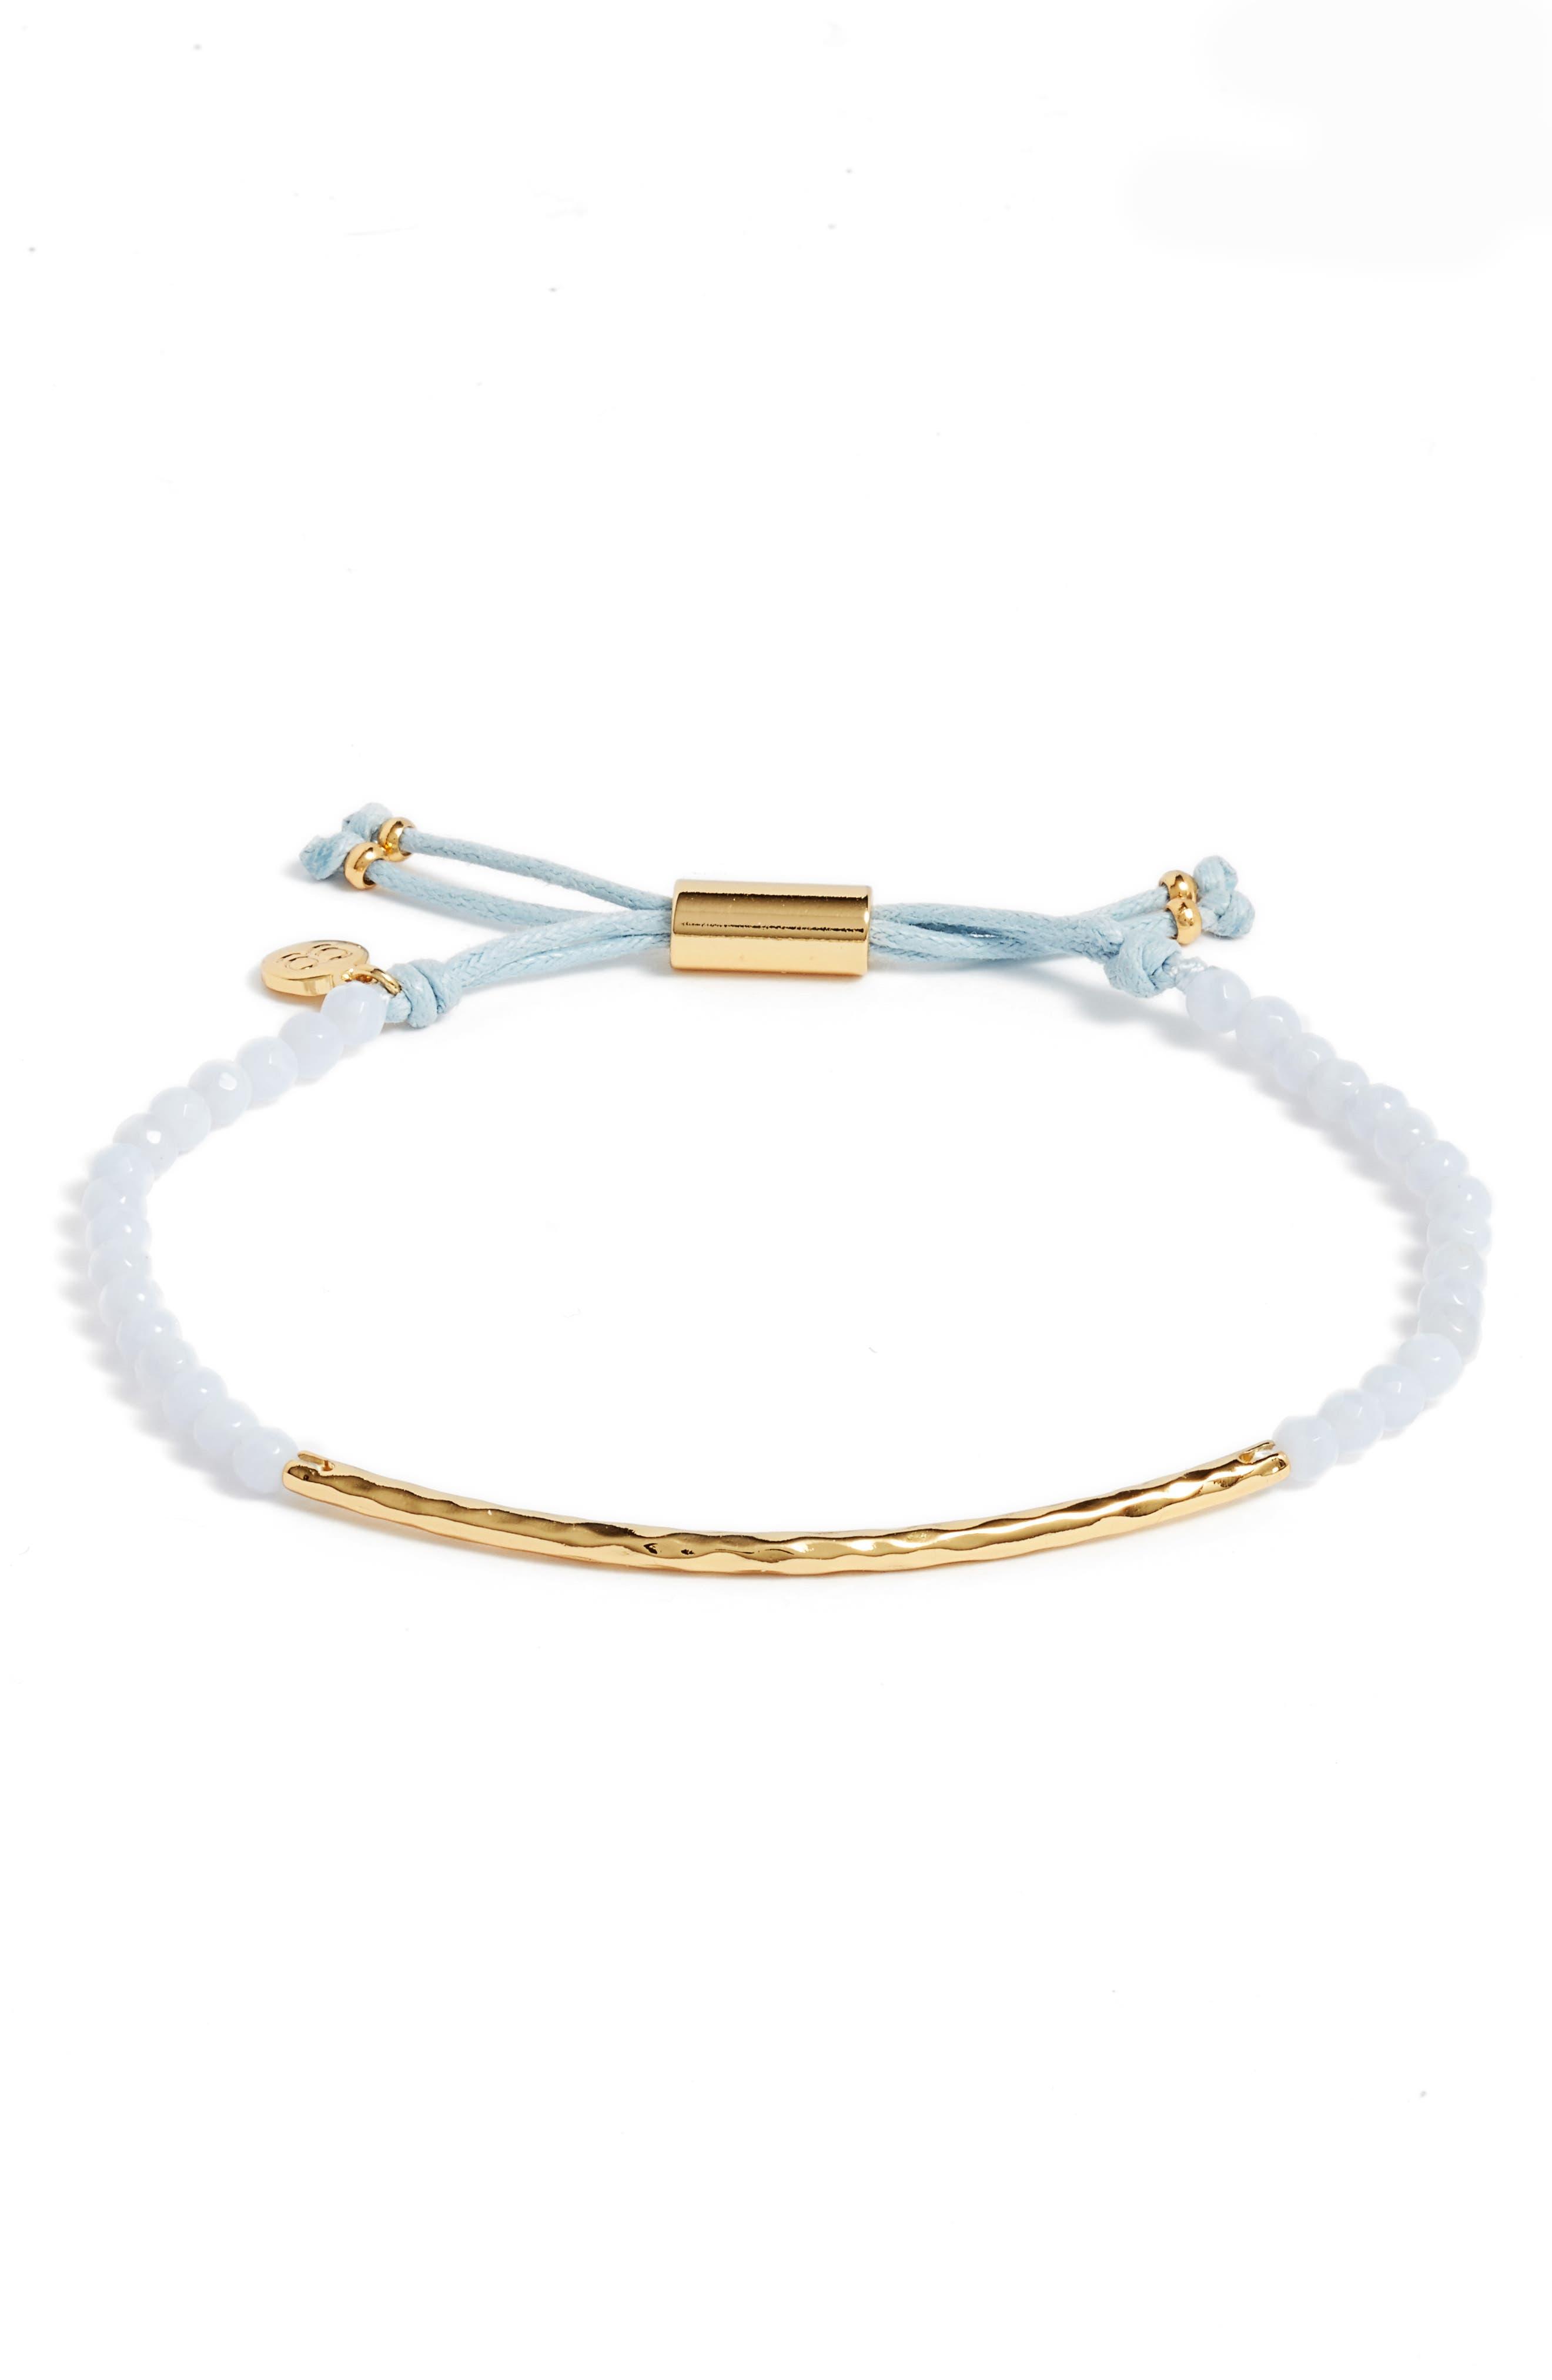 Self Expression Bracelet,                         Main,                         color, BLUE LACE AGATE GOLD